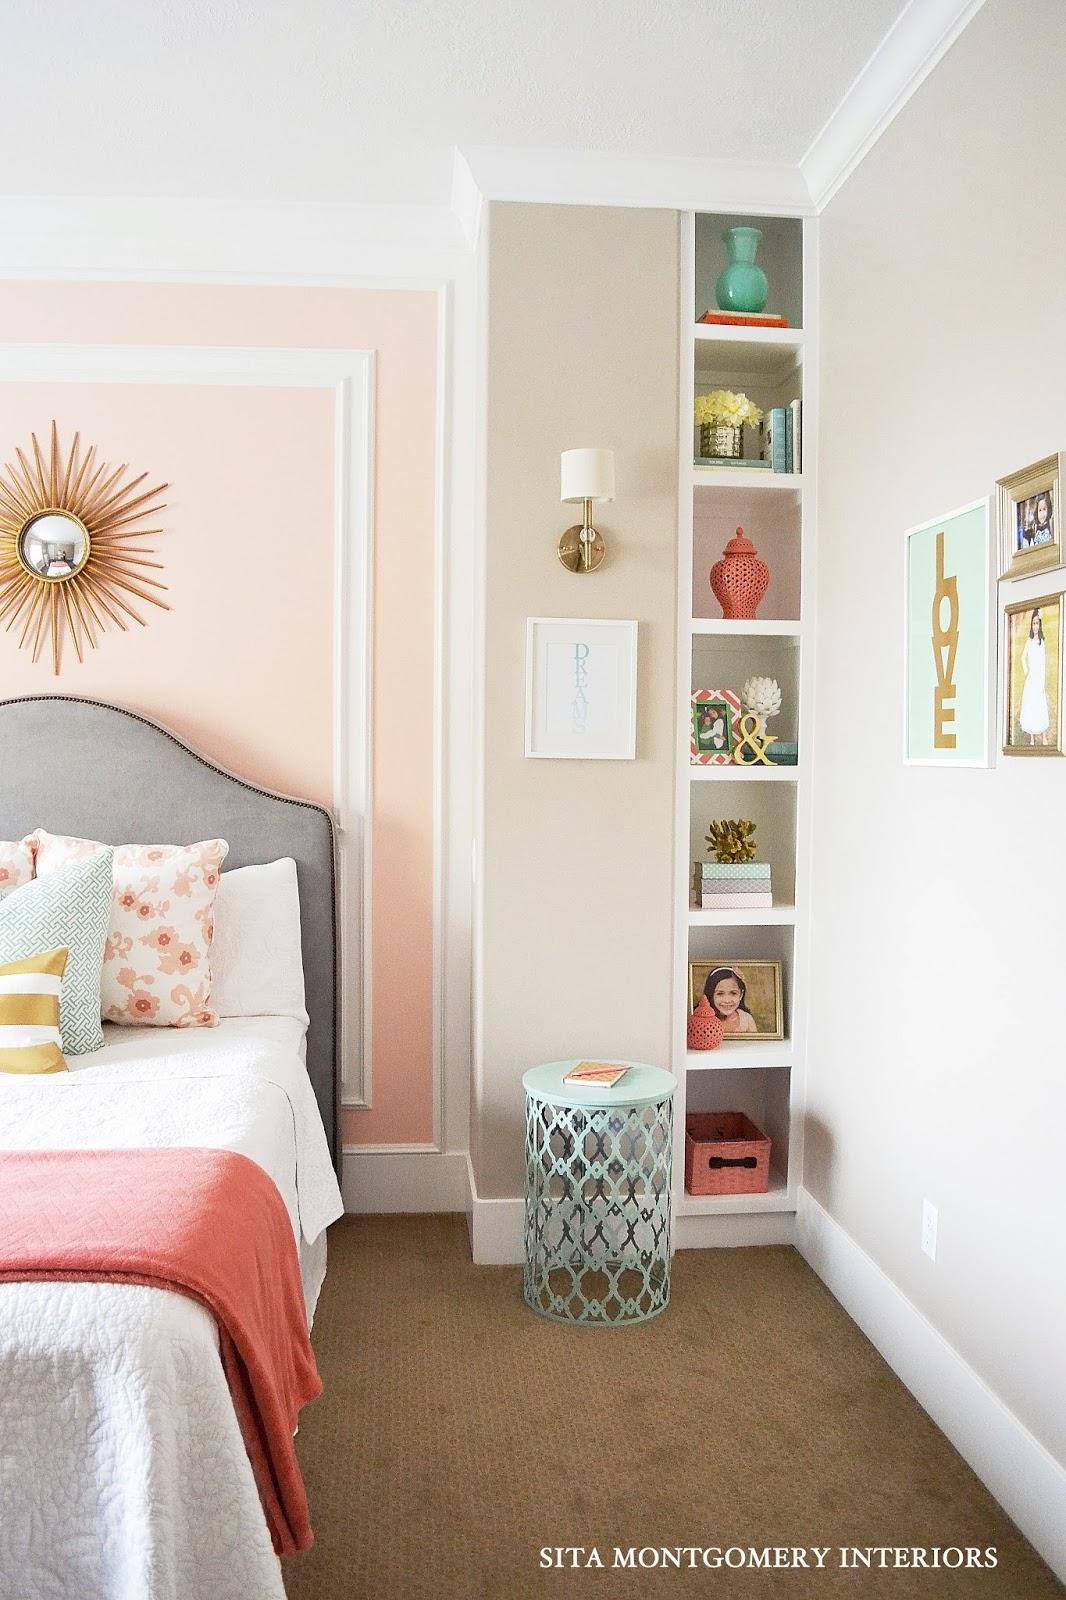 Sita Montgomery Interiors: Sita Montgomery Interiors: My Home: Tween Bedroom Reveal